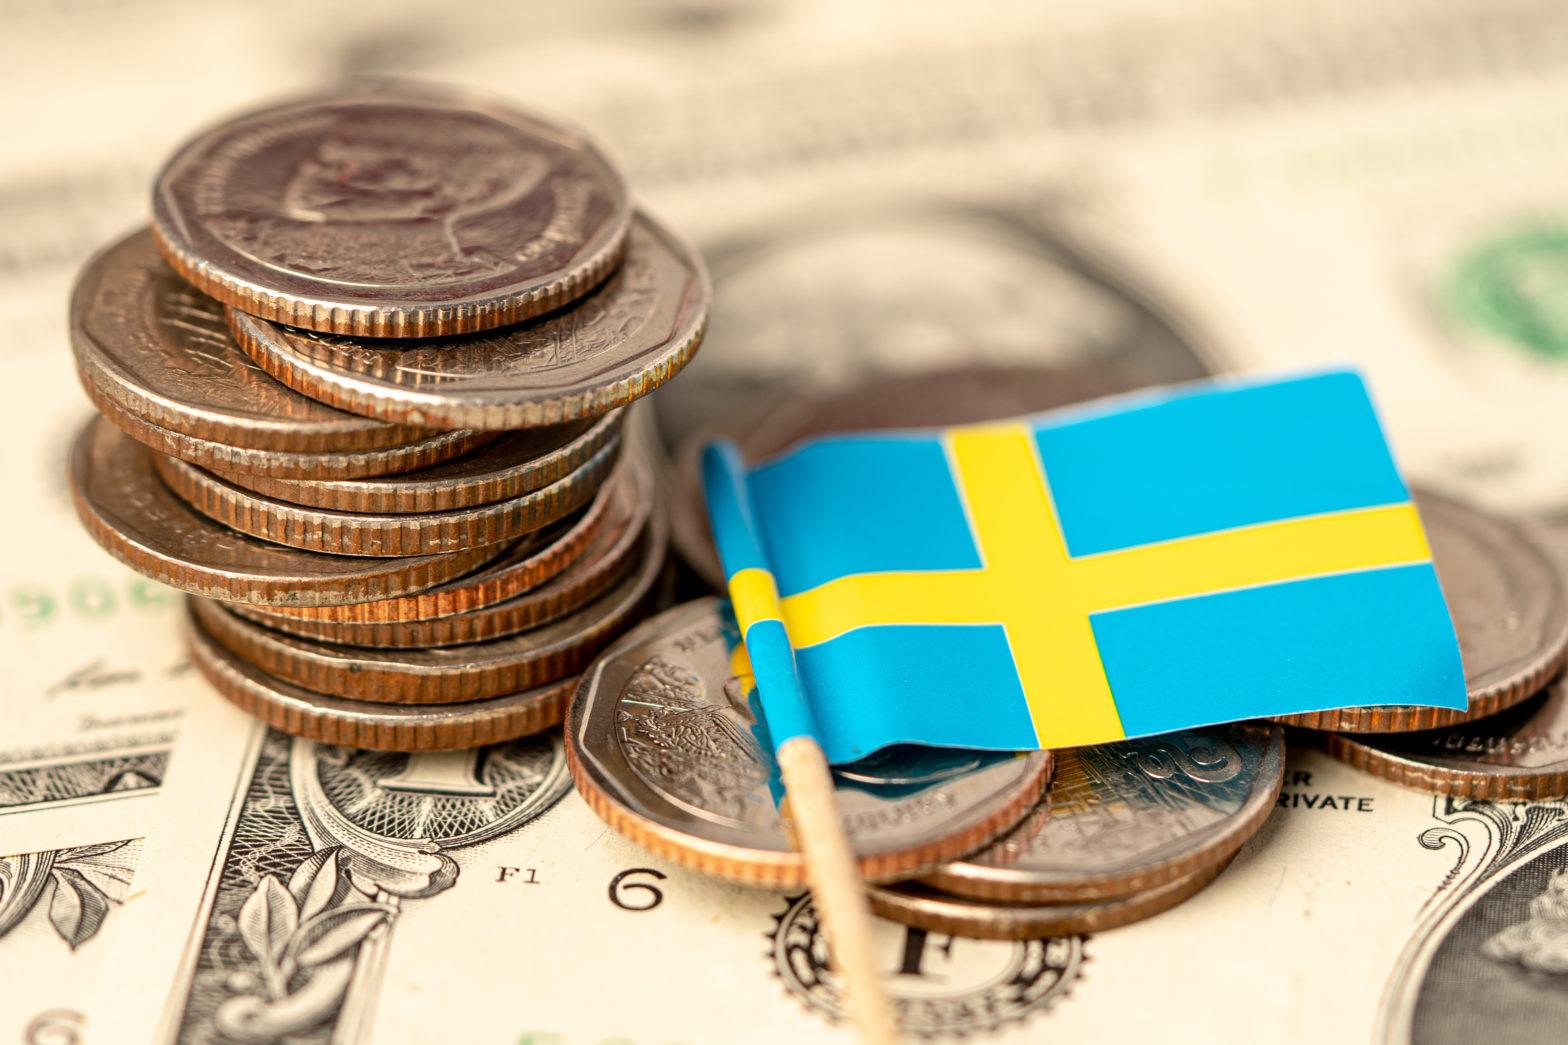 Zarobki w Szwecji - Ile zarabia się w Szwecji?